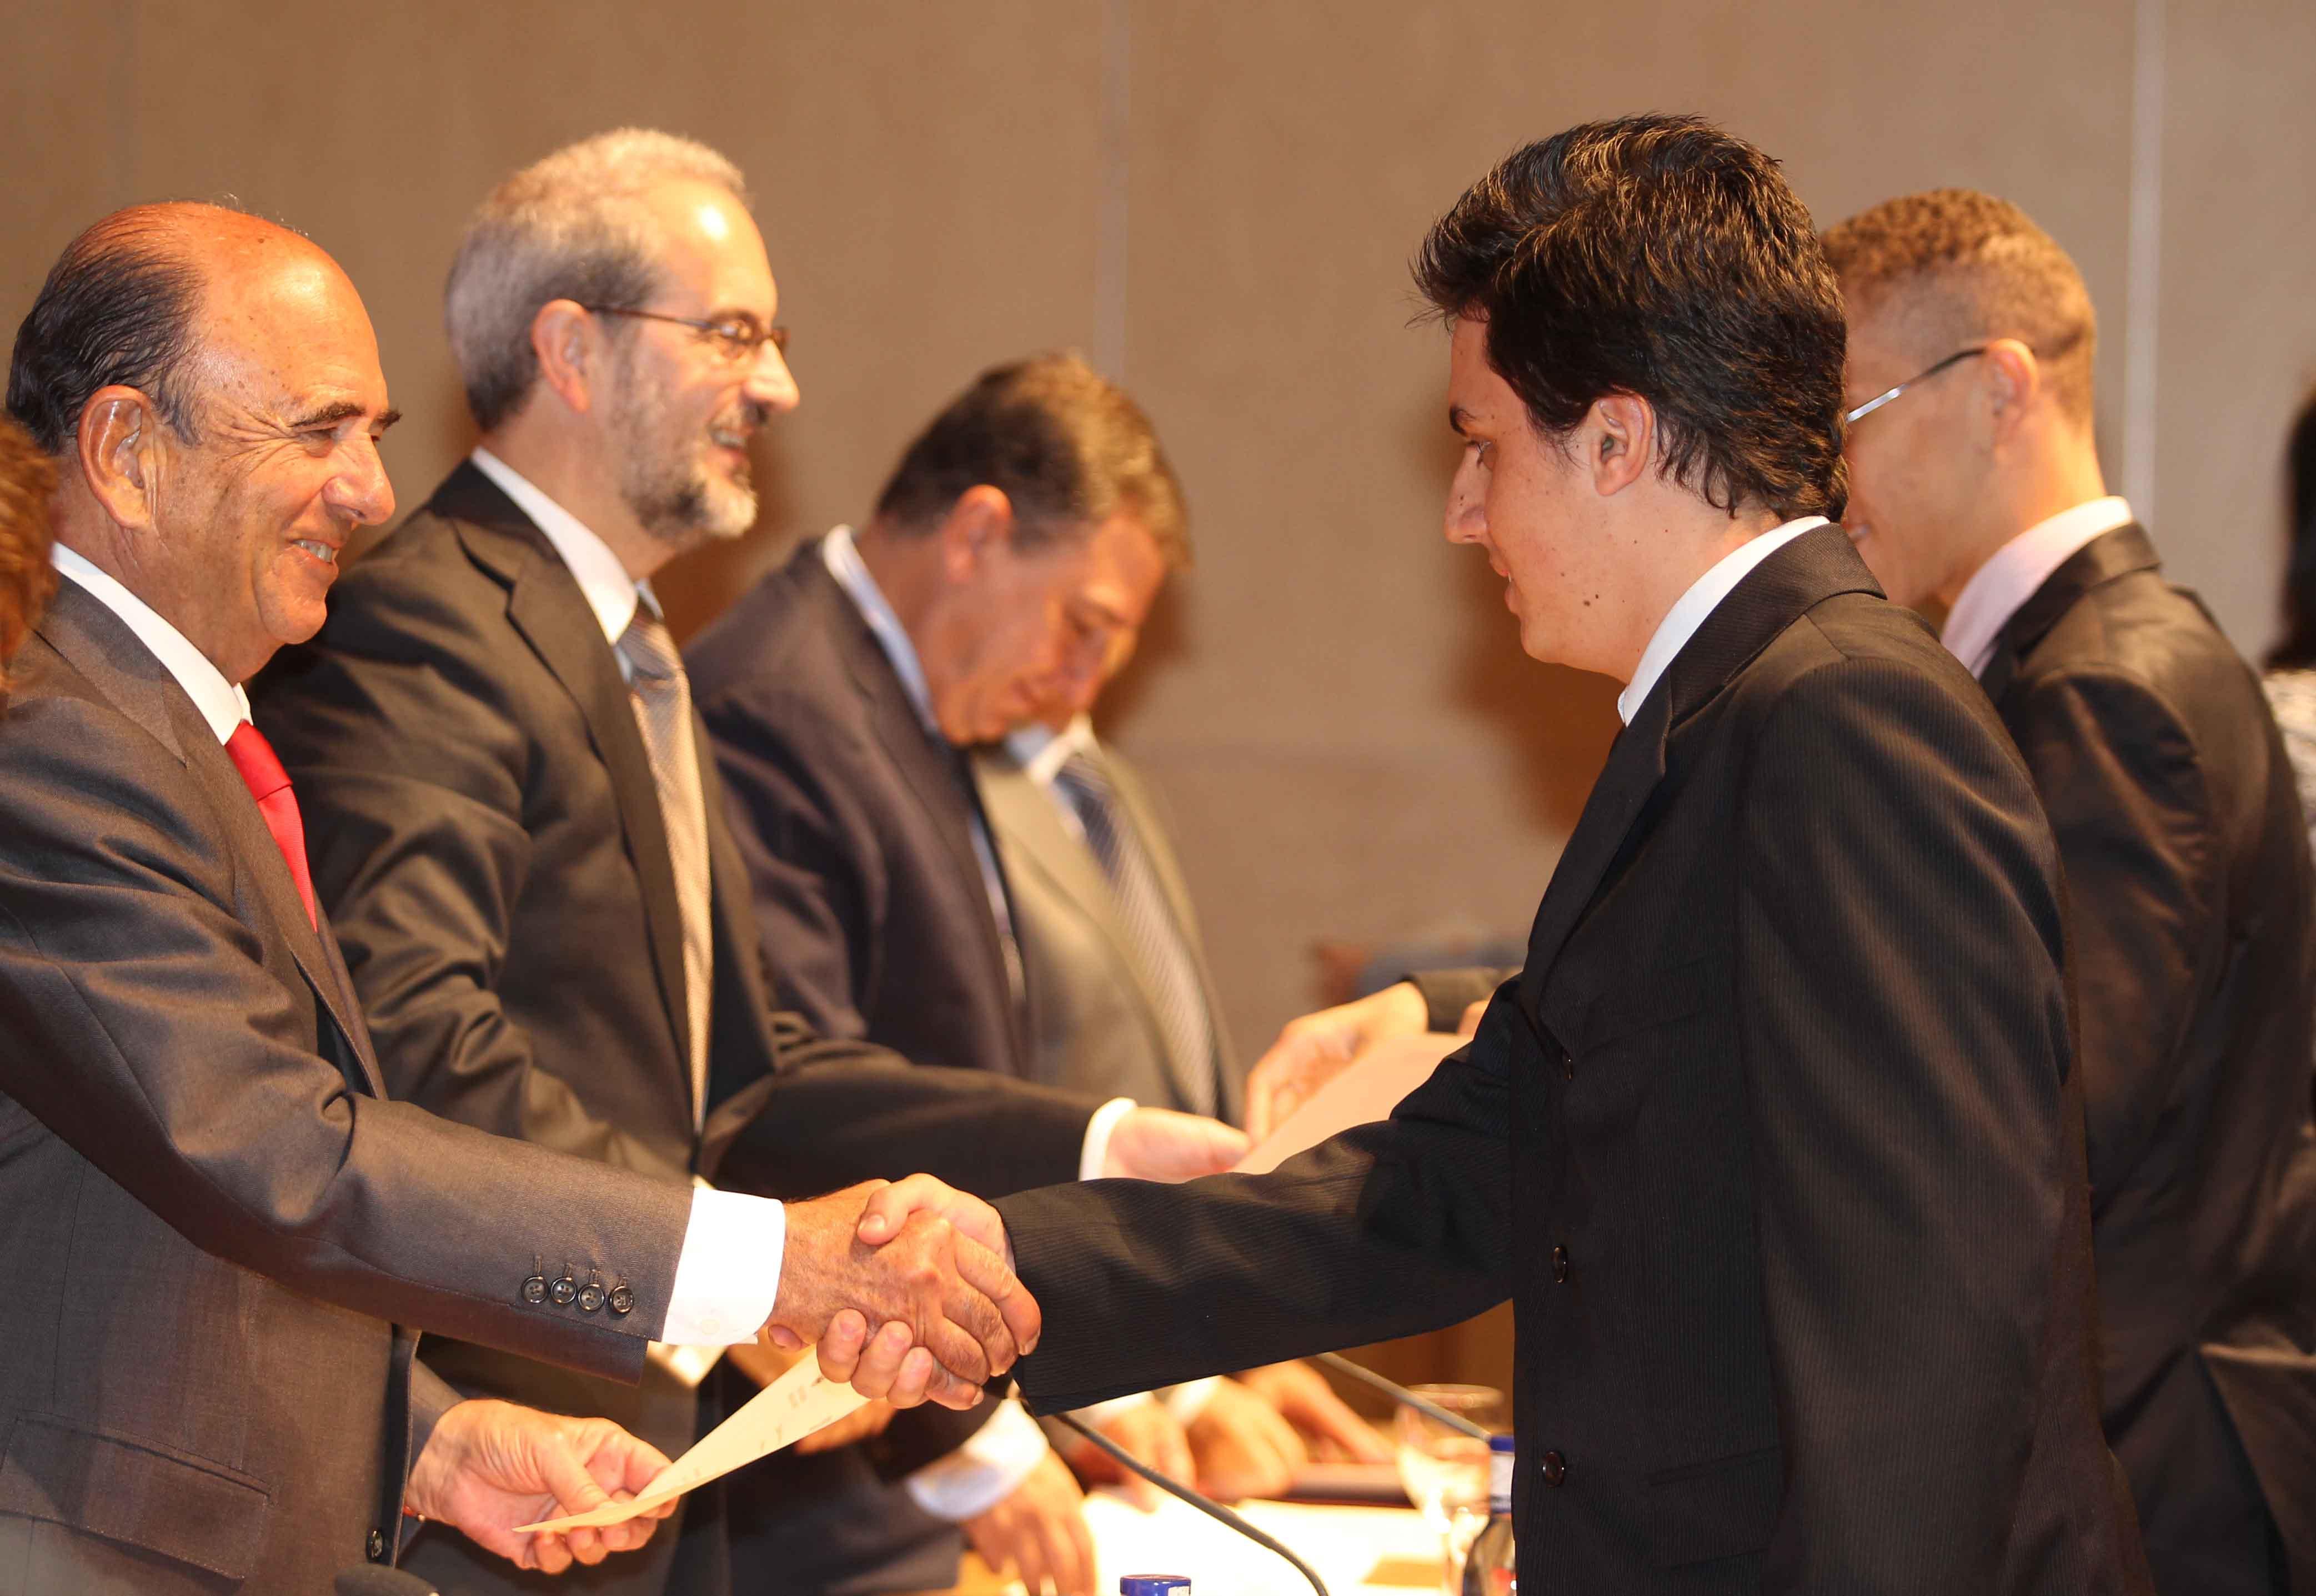 La Hospedería Fonseca acoge la entrega de las Becas Internacionales Universidad de Salamanca - Banco Santander